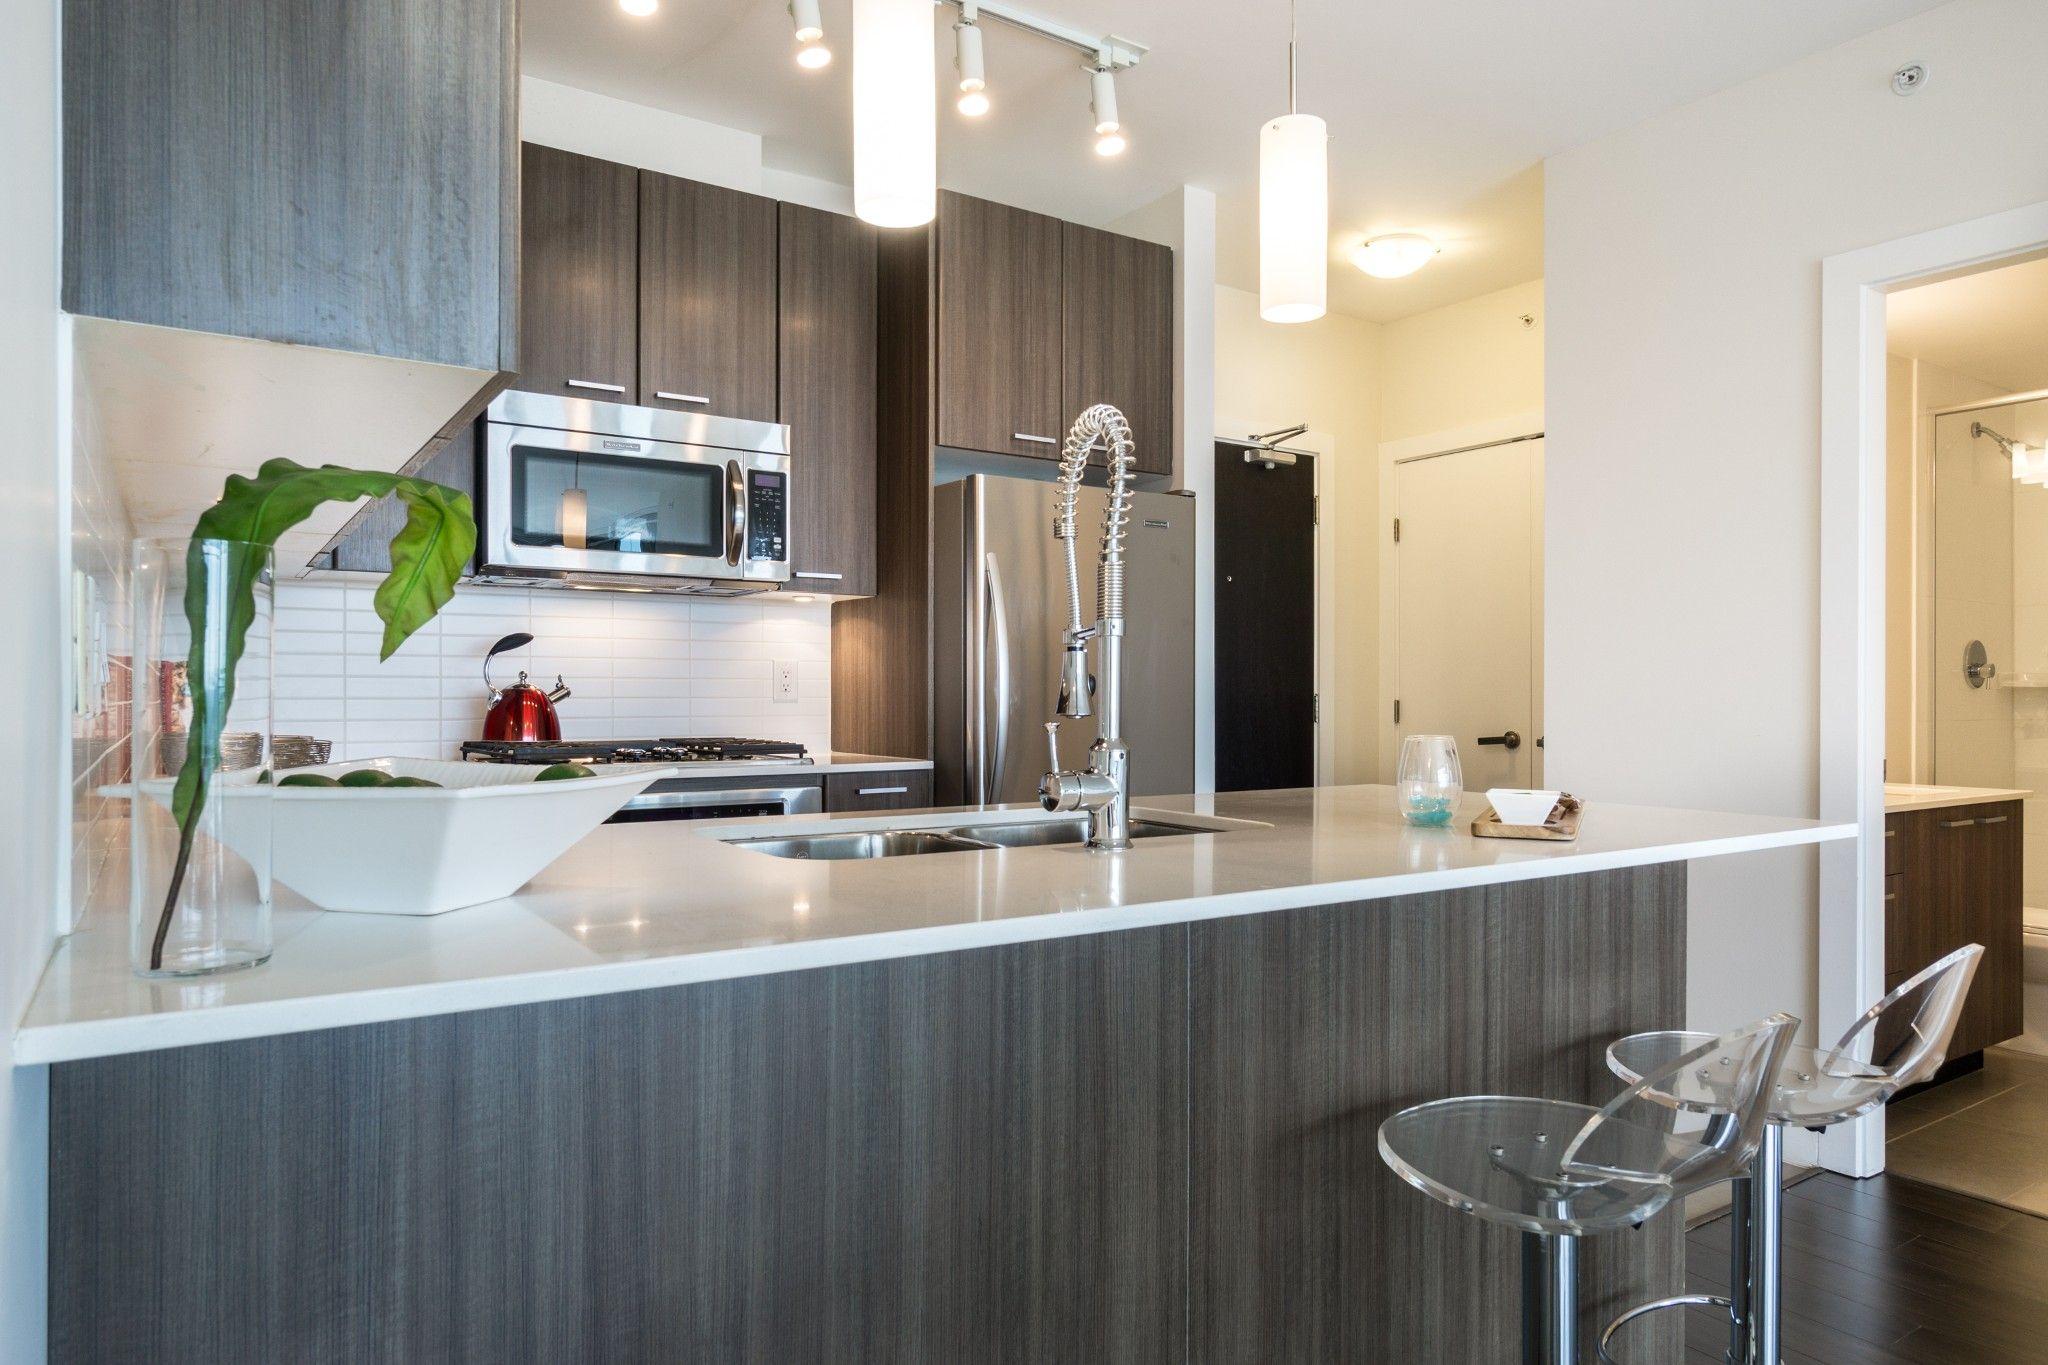 """Photo 4: Photos: 2906 2955 ATLANTIC Avenue in Coquitlam: North Coquitlam Condo for sale in """"OASIS"""" : MLS®# R2274297"""